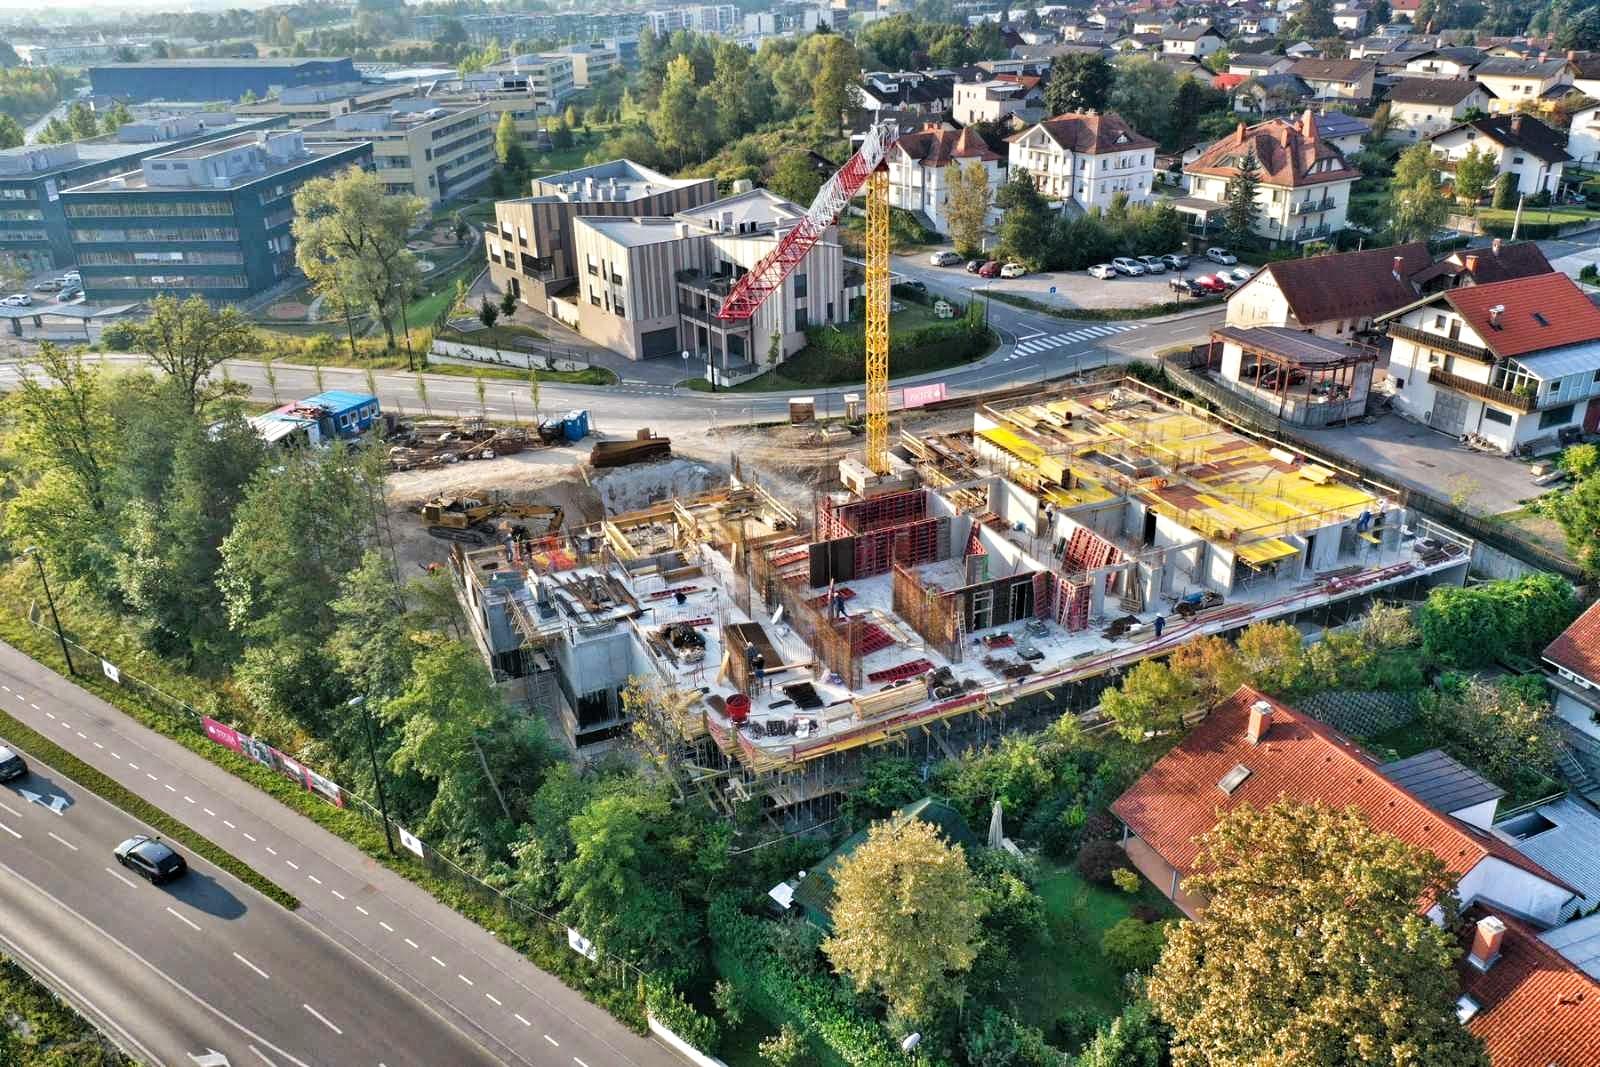 Stanovanjska soseska B30 v Ljubljani